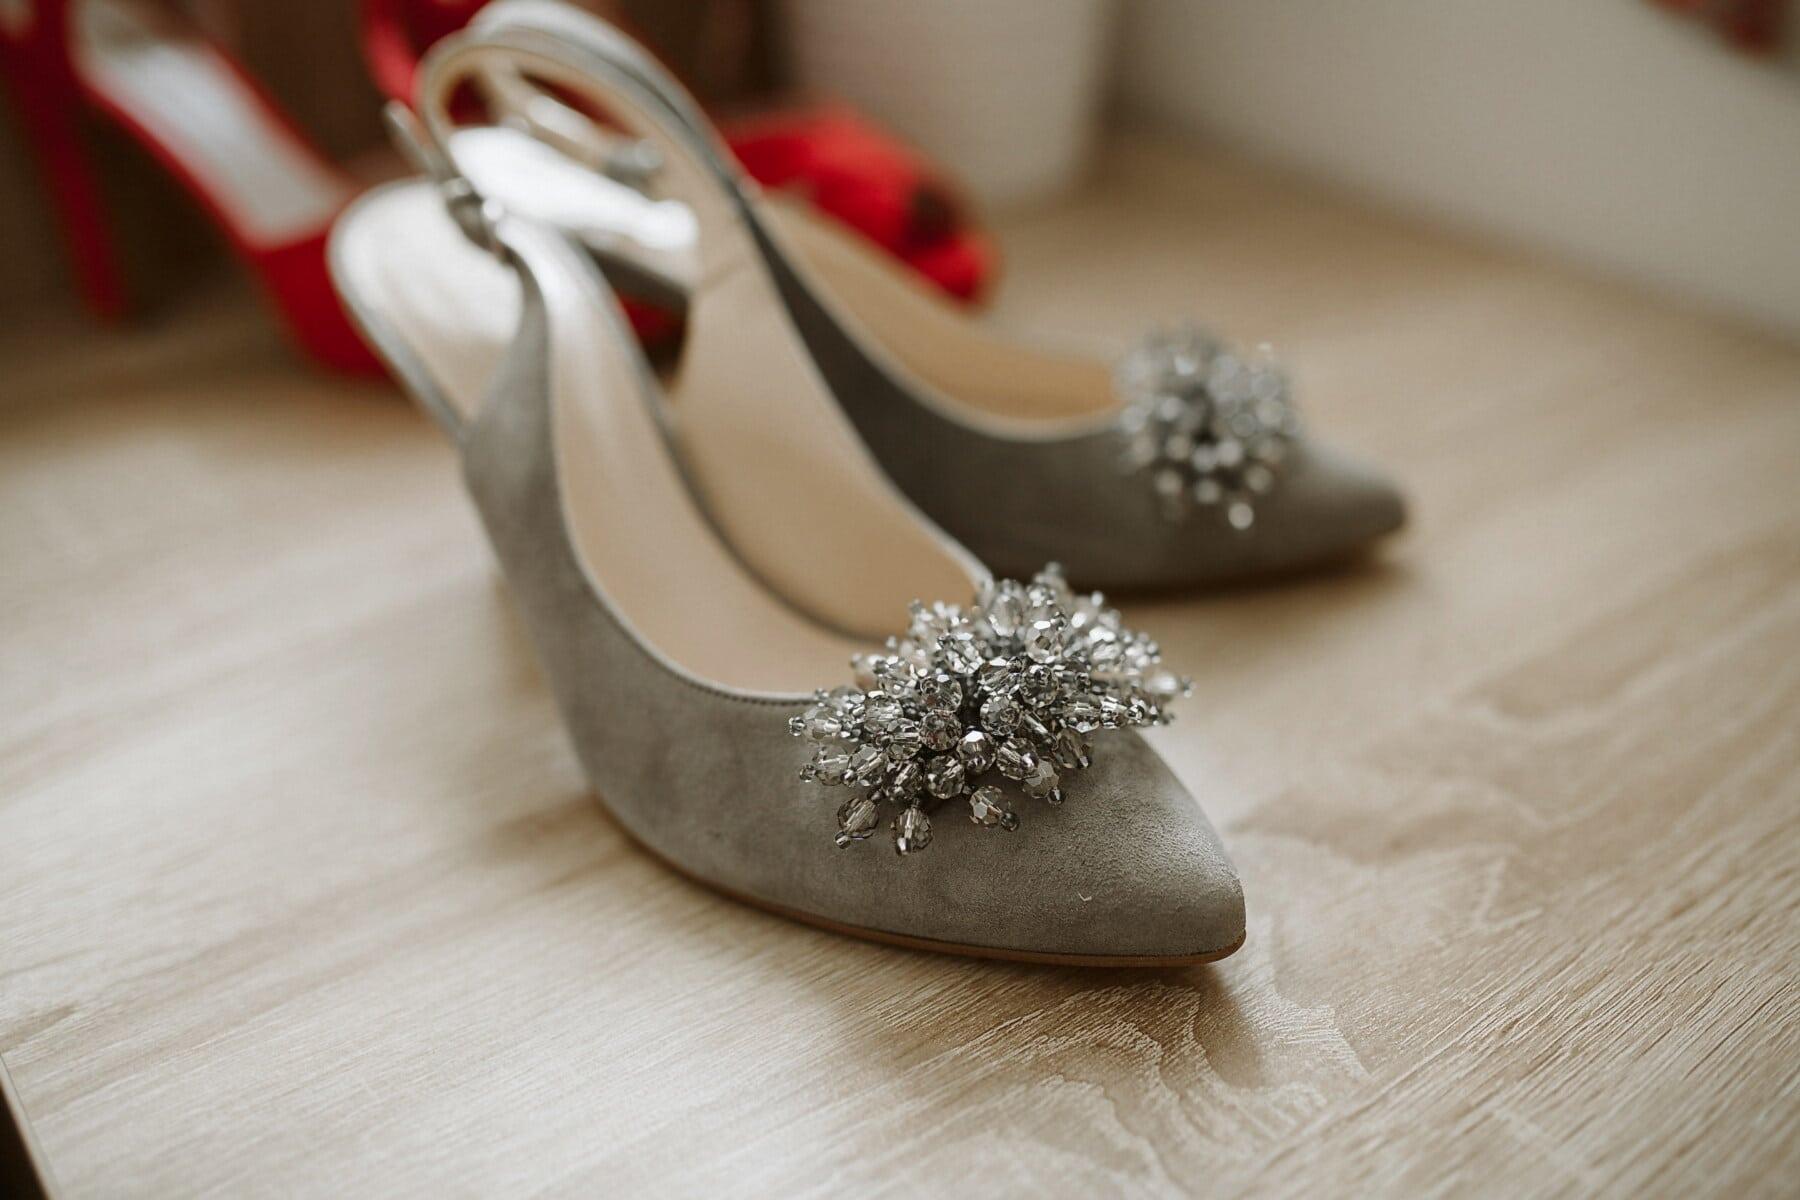 gri, çekicilik, Aksesuar, sandal, moda, Ayakkabı, Ayakkabı, Ayakkabı, ahşap, Natürmort